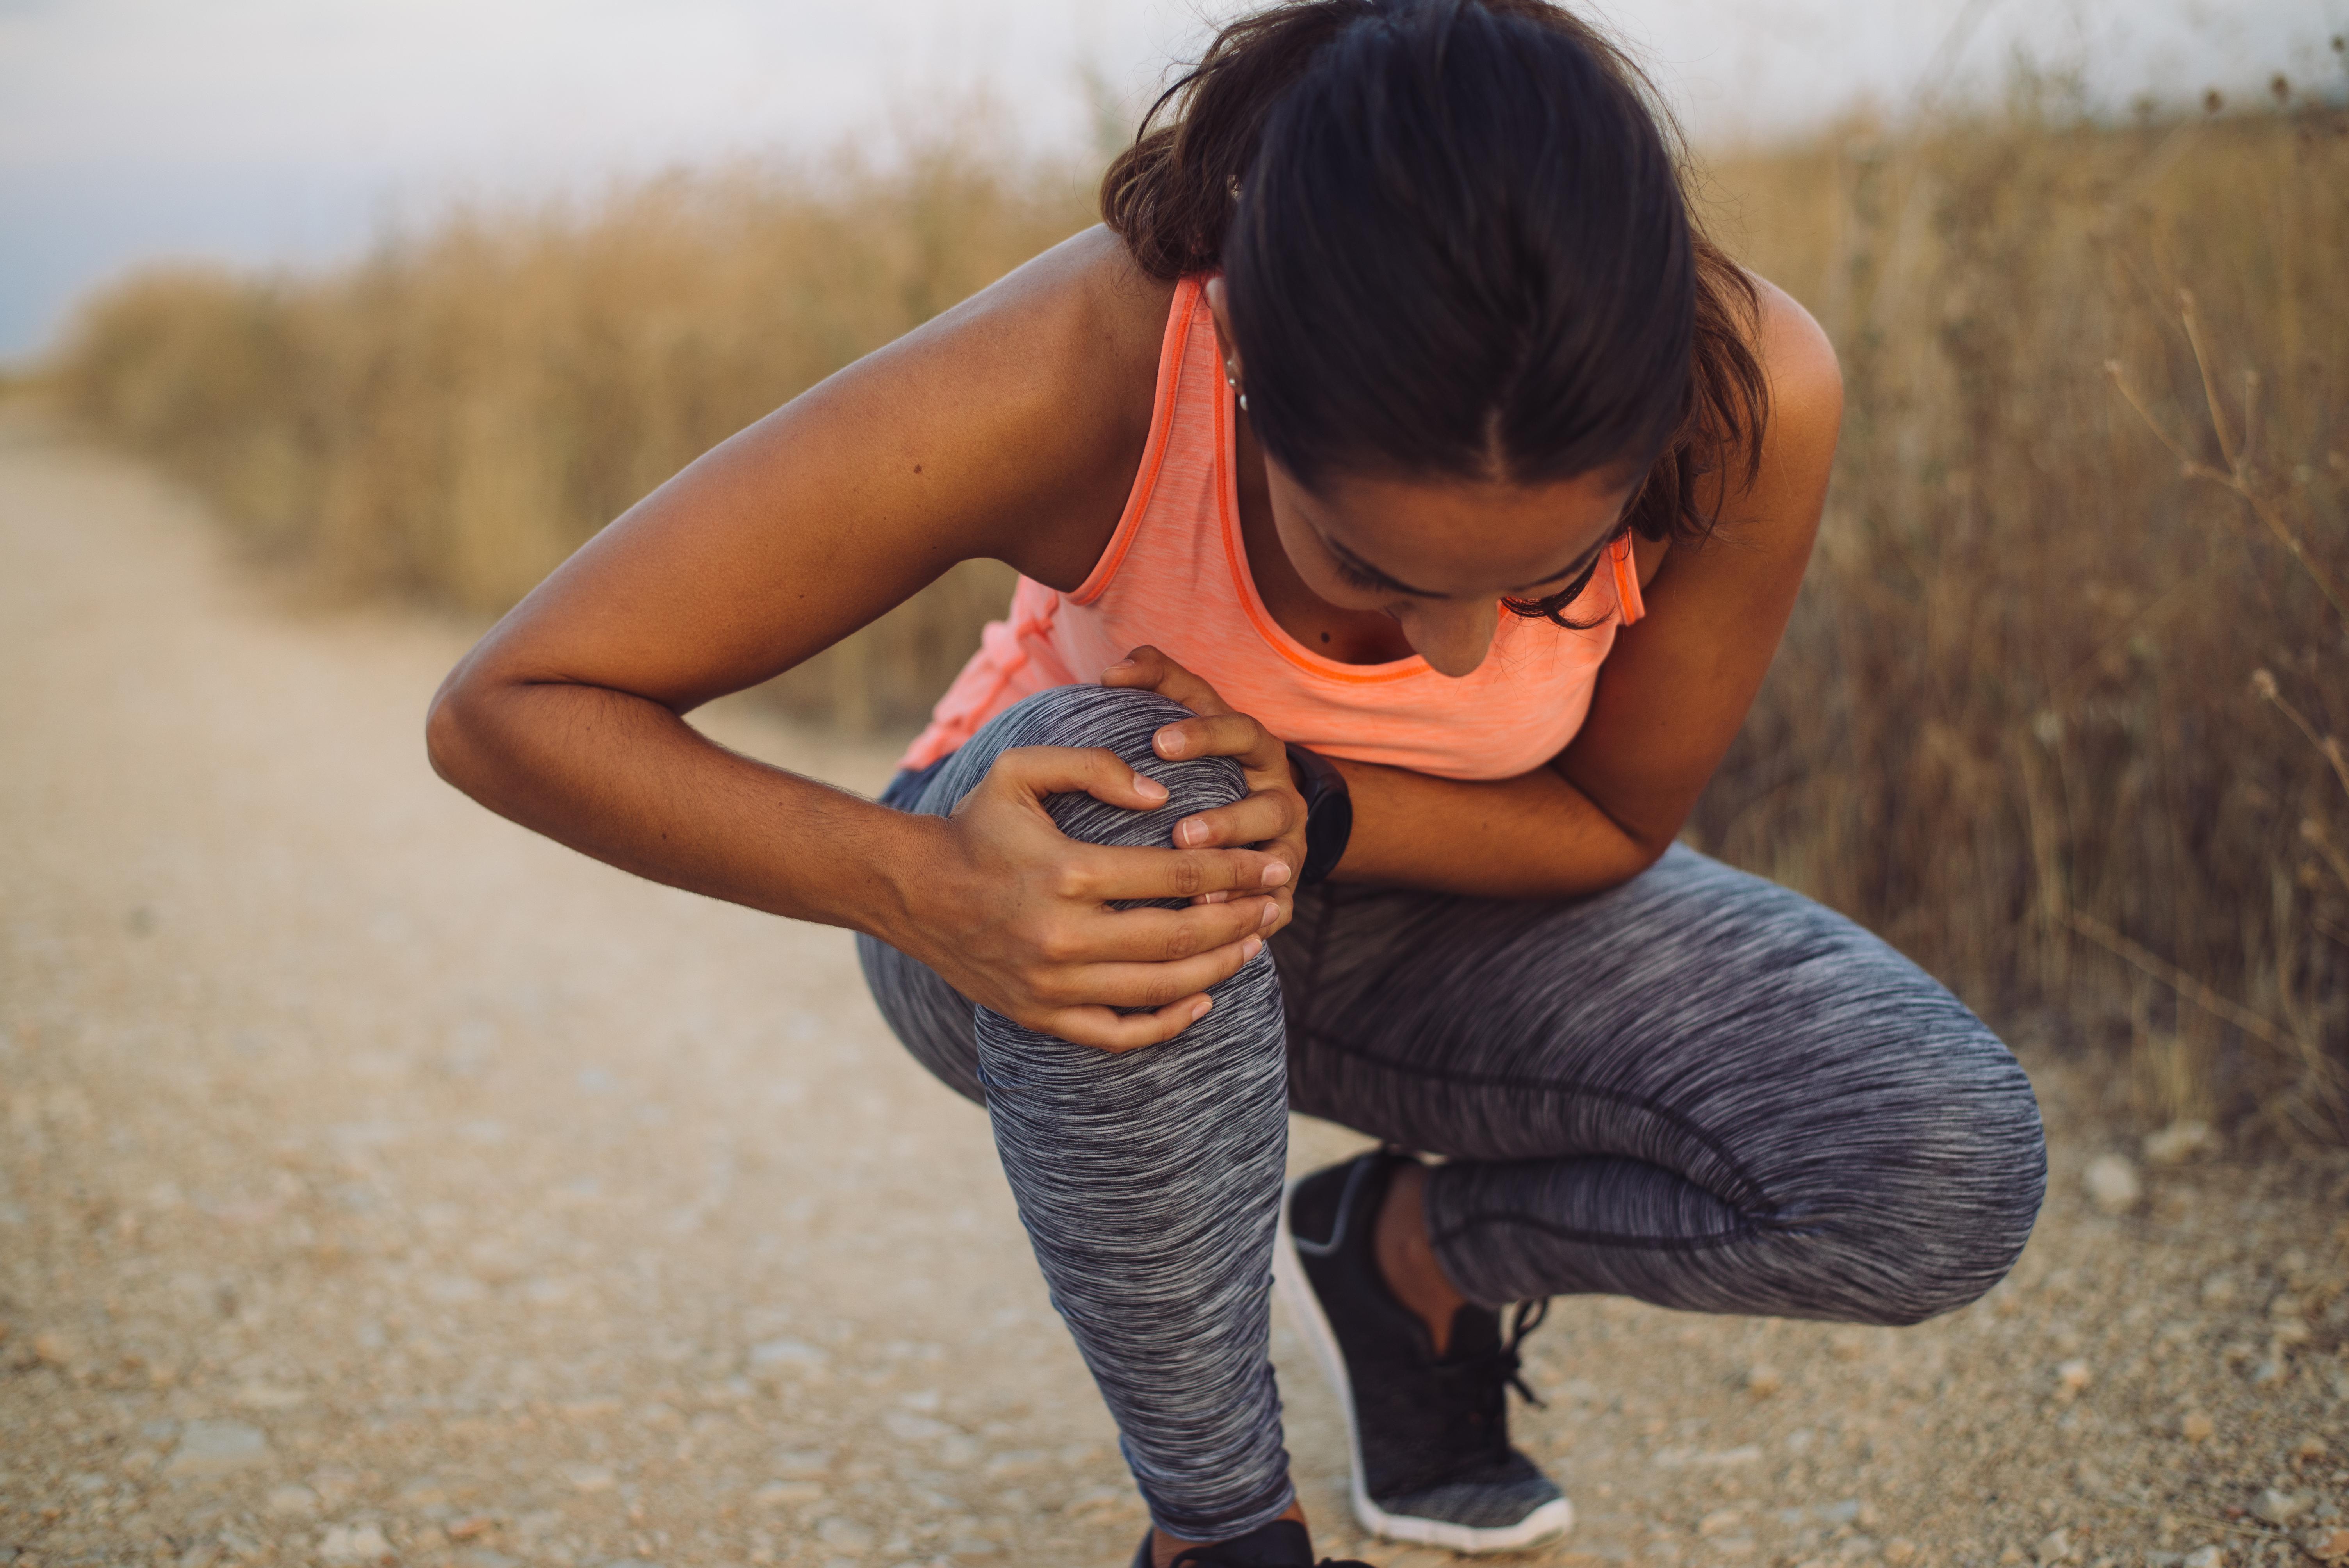 En av de allra vanligaste orsakerna till ont i knäna är idrottsskador. Två vanliga sådana är löparknä och hopparknä.